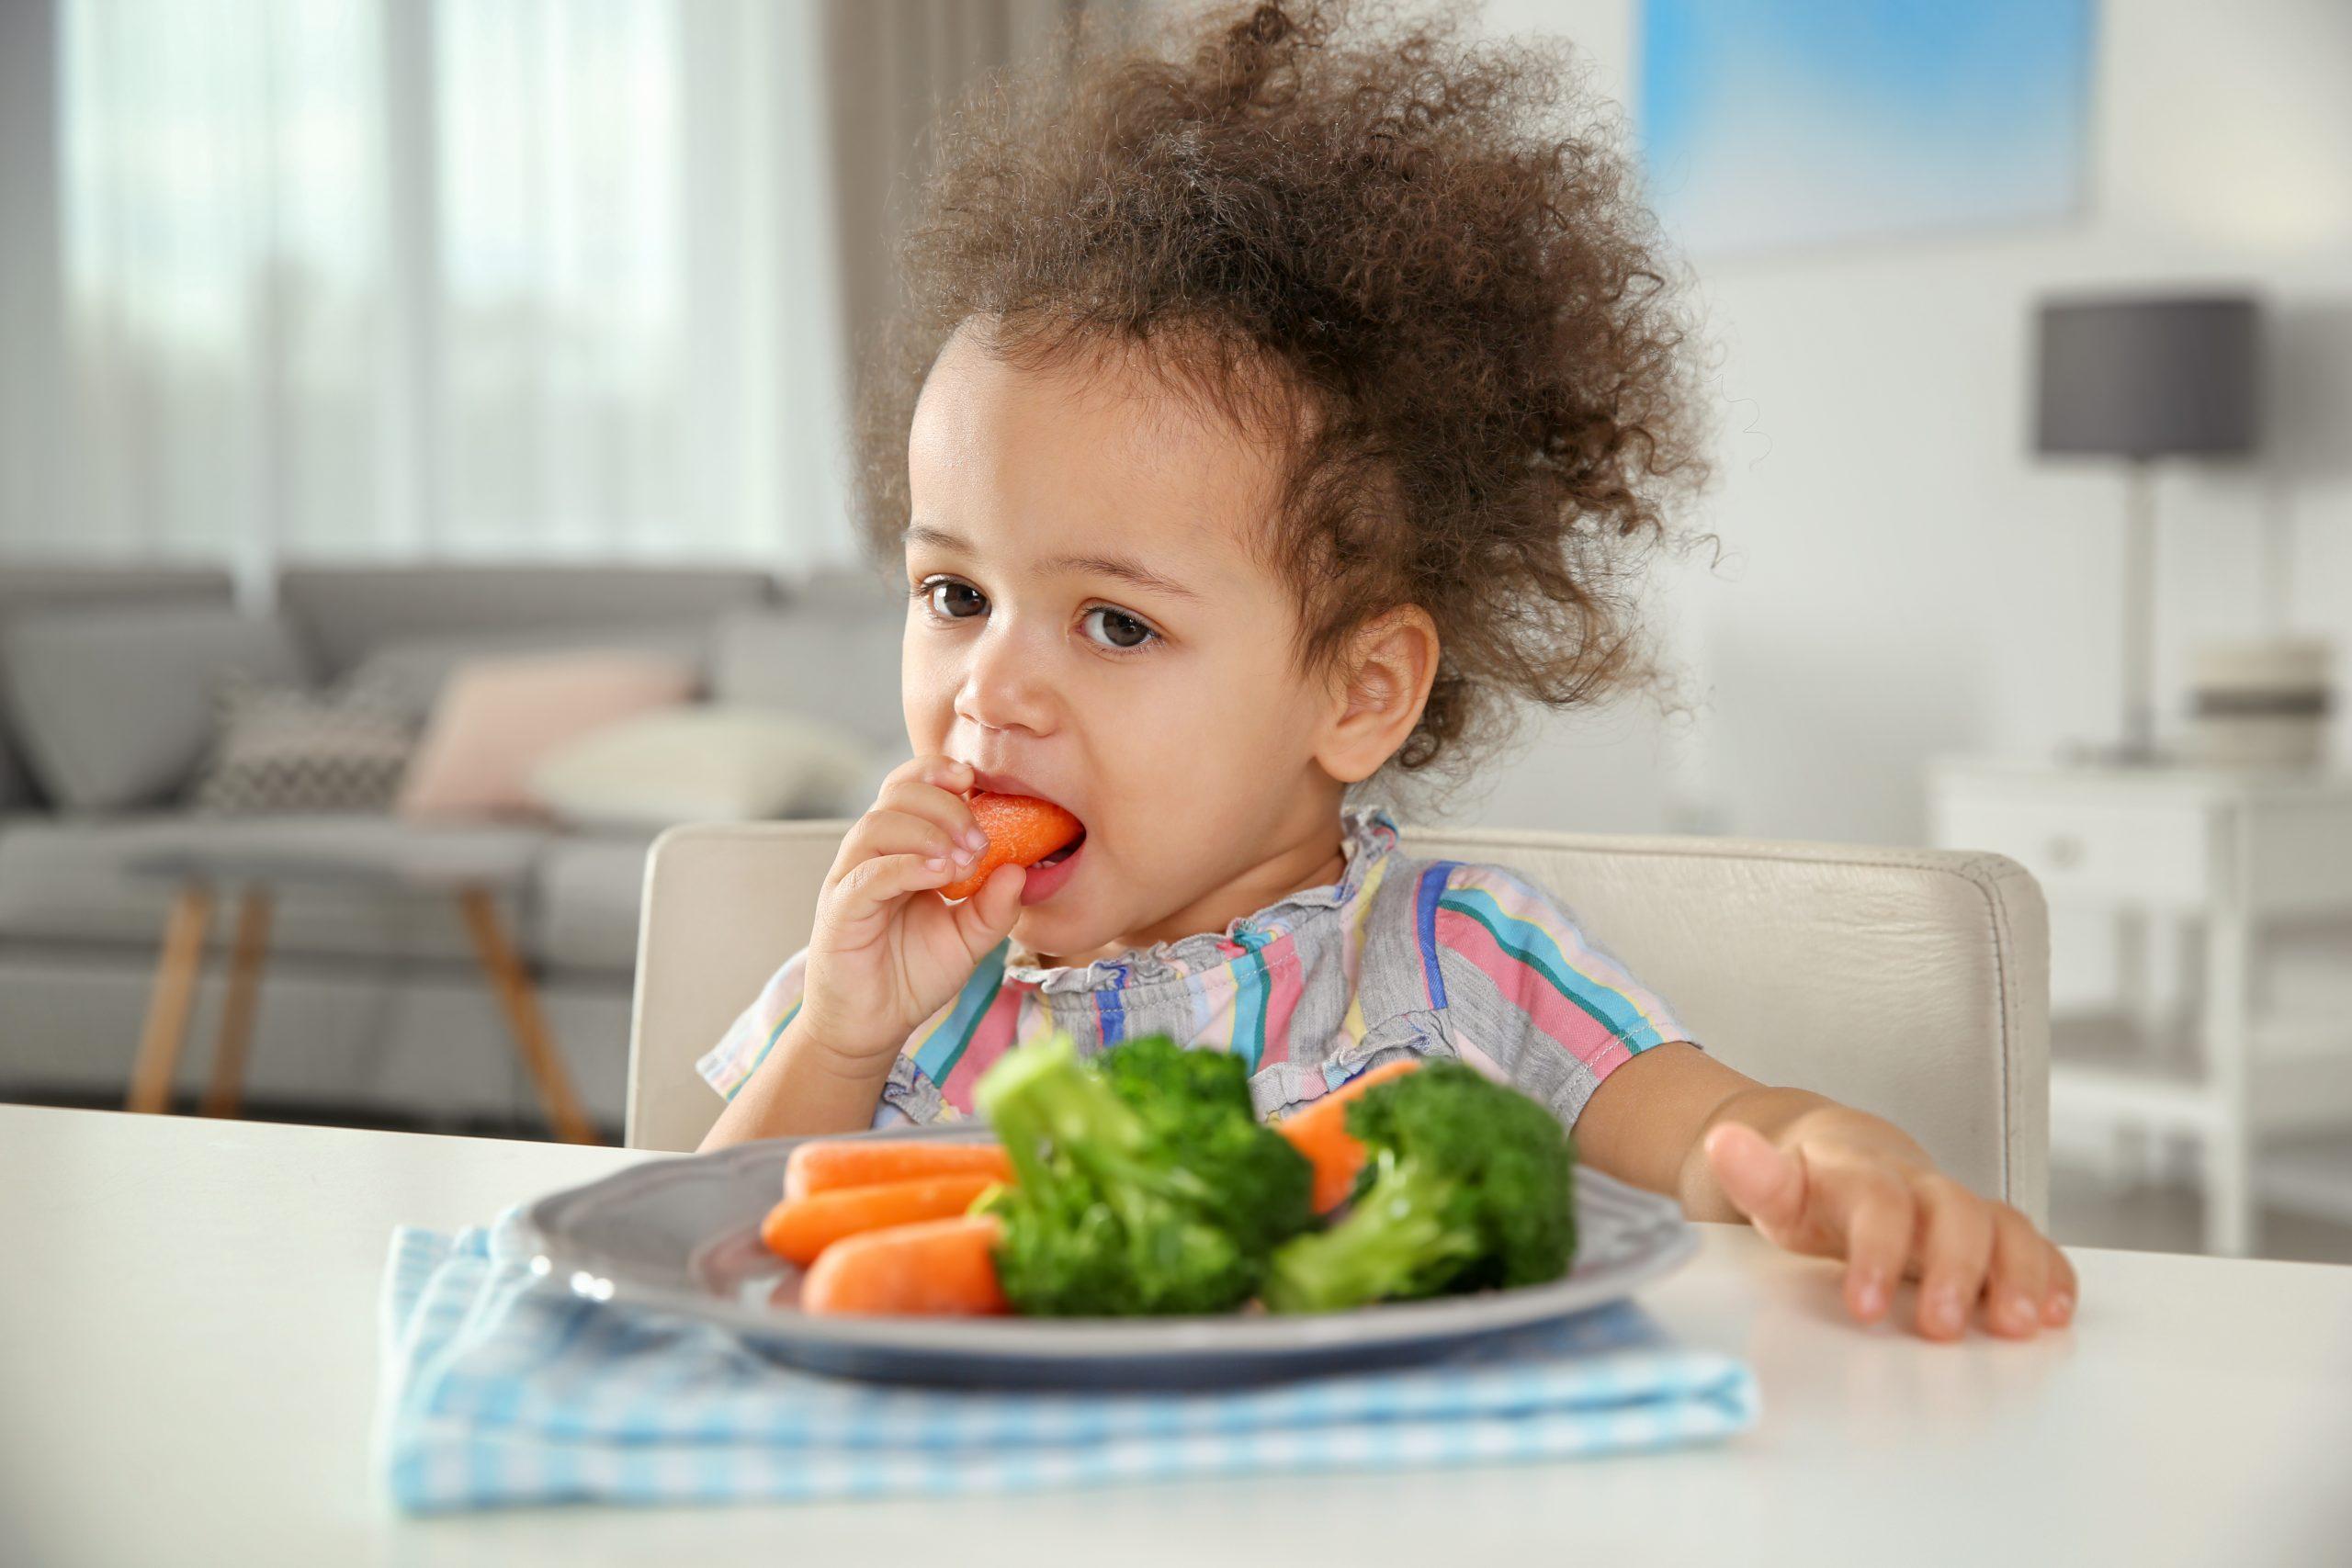 Consommation de fruits et légumes chez les enfants, obésité infantile